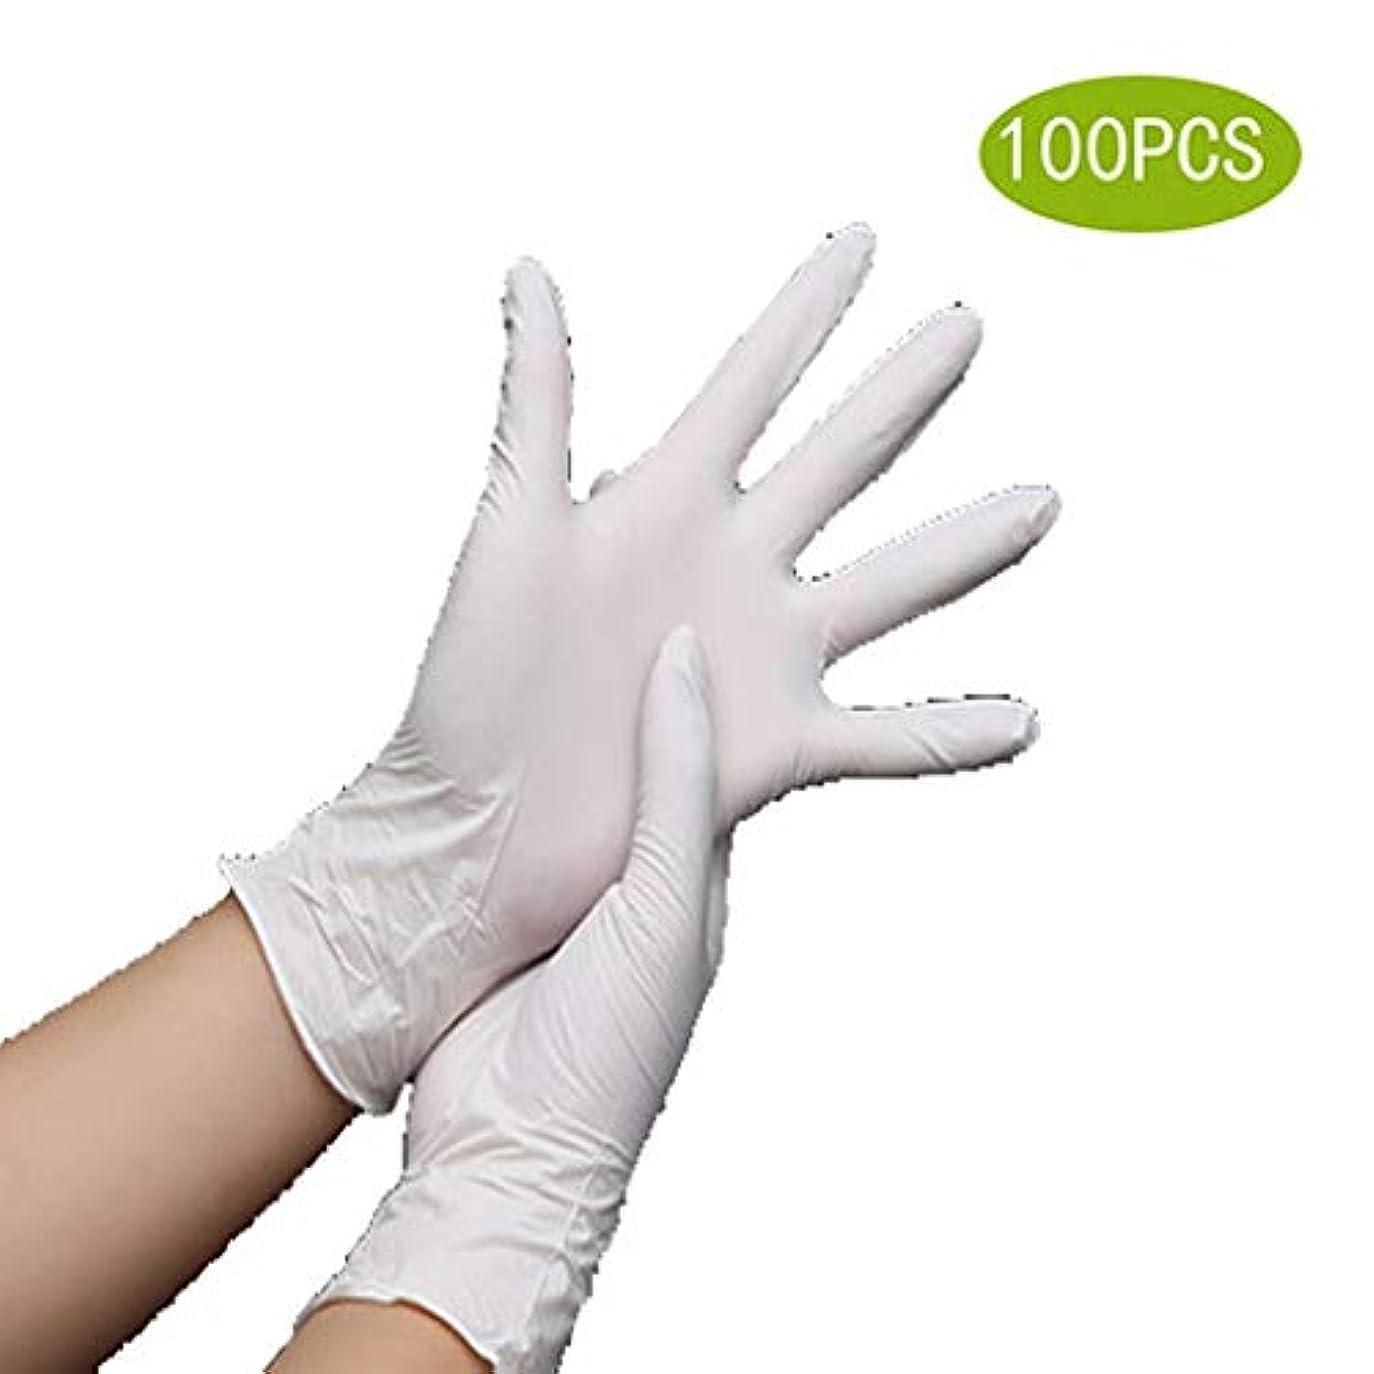 単にスキニー機械ニトリル使い捨て手袋、3ミルの厚さ、質感の指先(100箱) (Color : White, Size : XS)